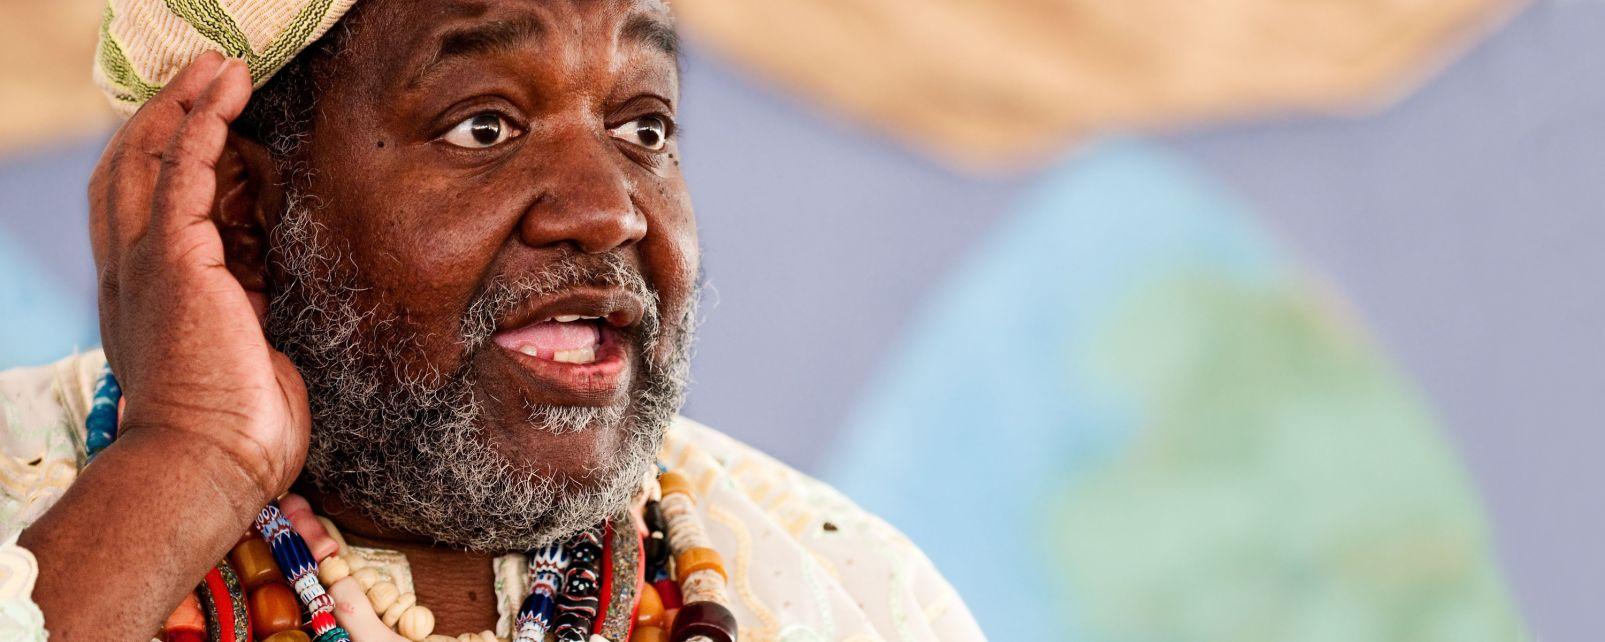 Les arts et la culture, chant, arique, afrique du sud, homme, chanteur, musique, Isicathamiya